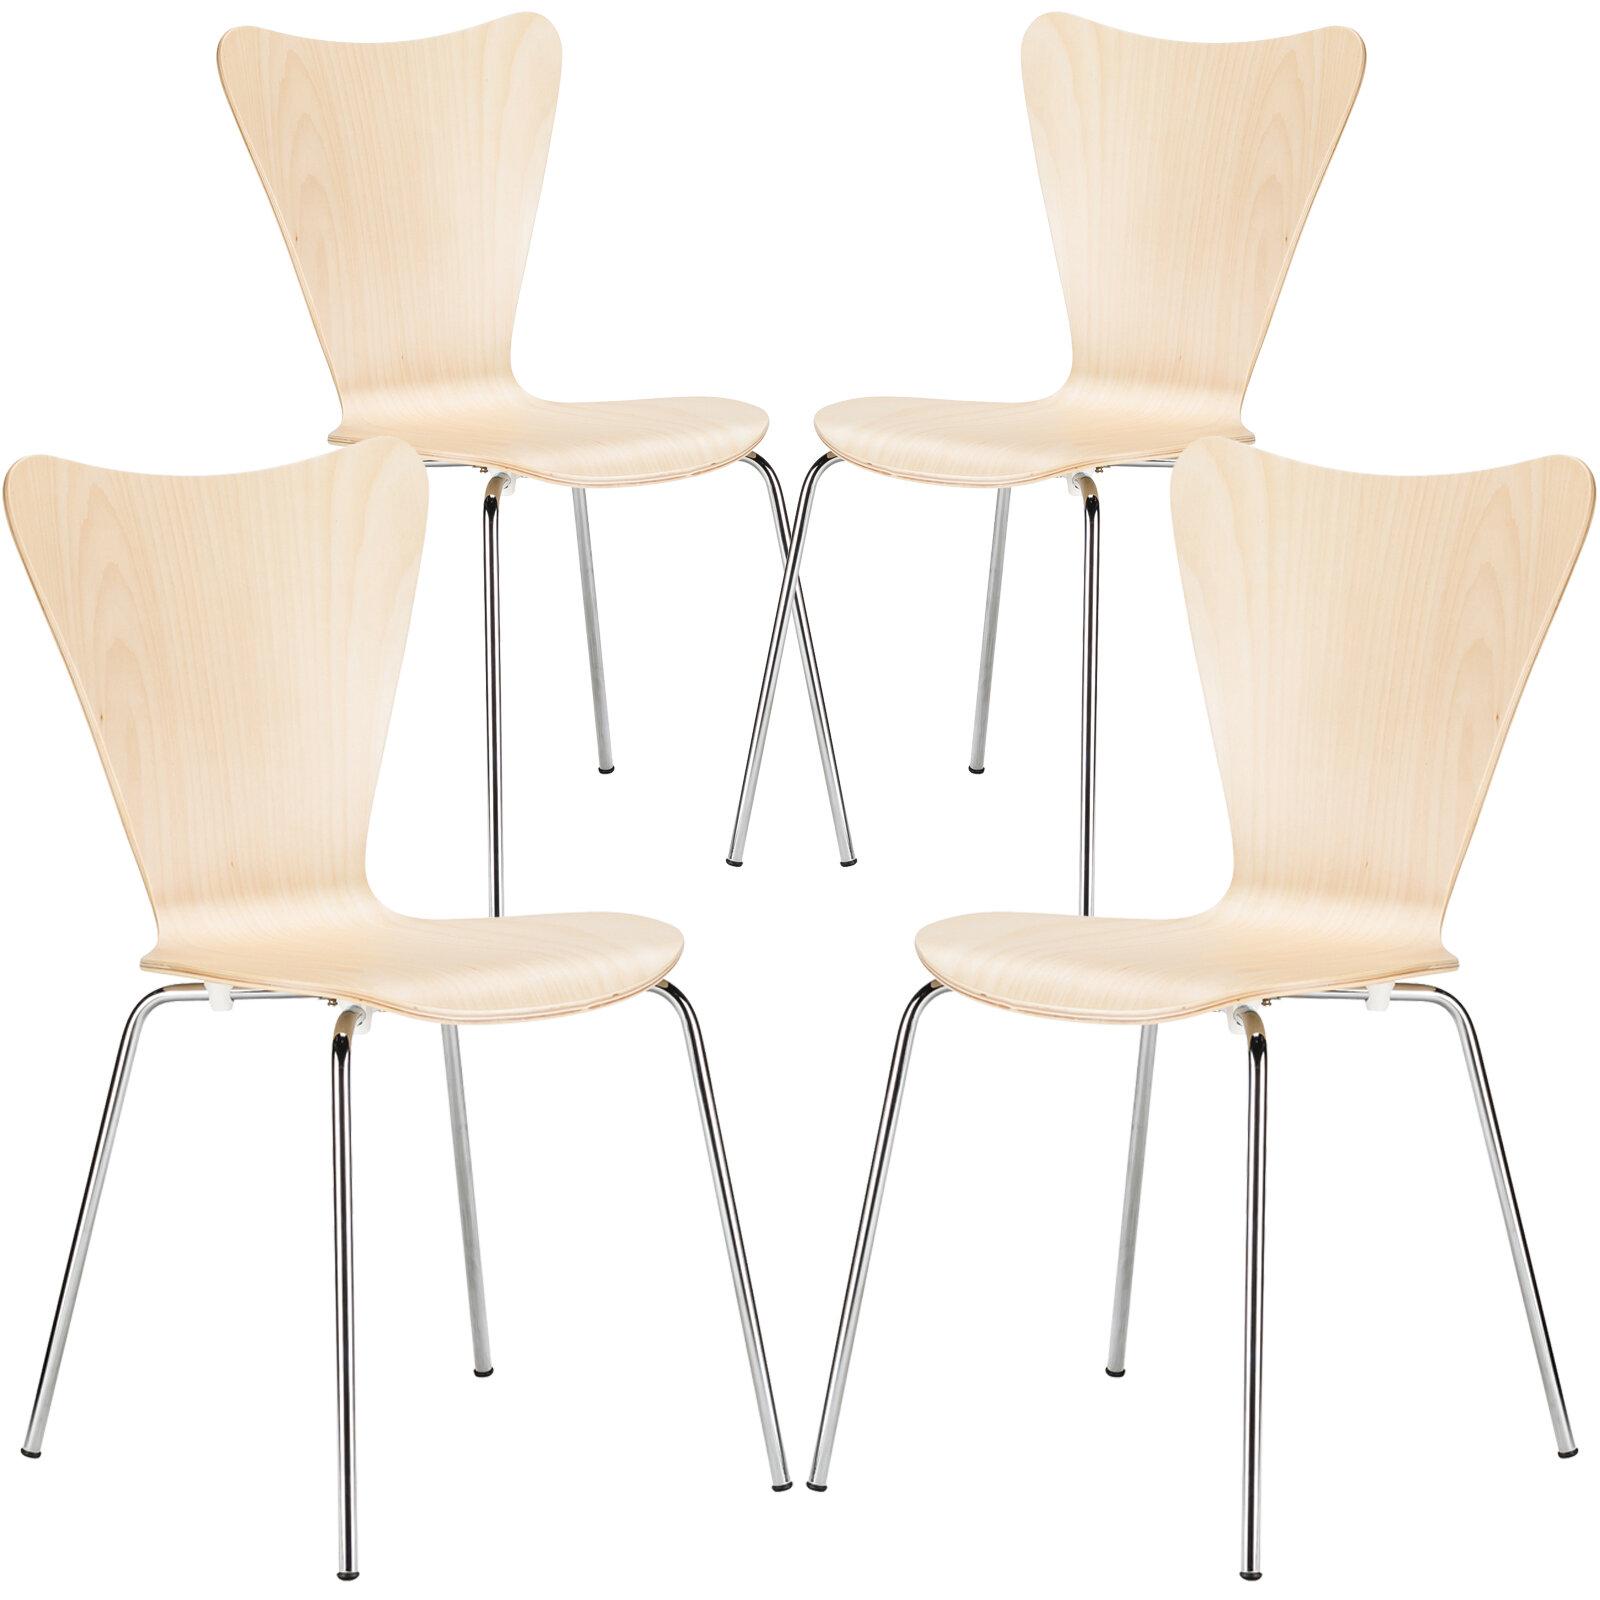 Edgemod Elgin Dining Chair U0026 Reviews | Wayfair